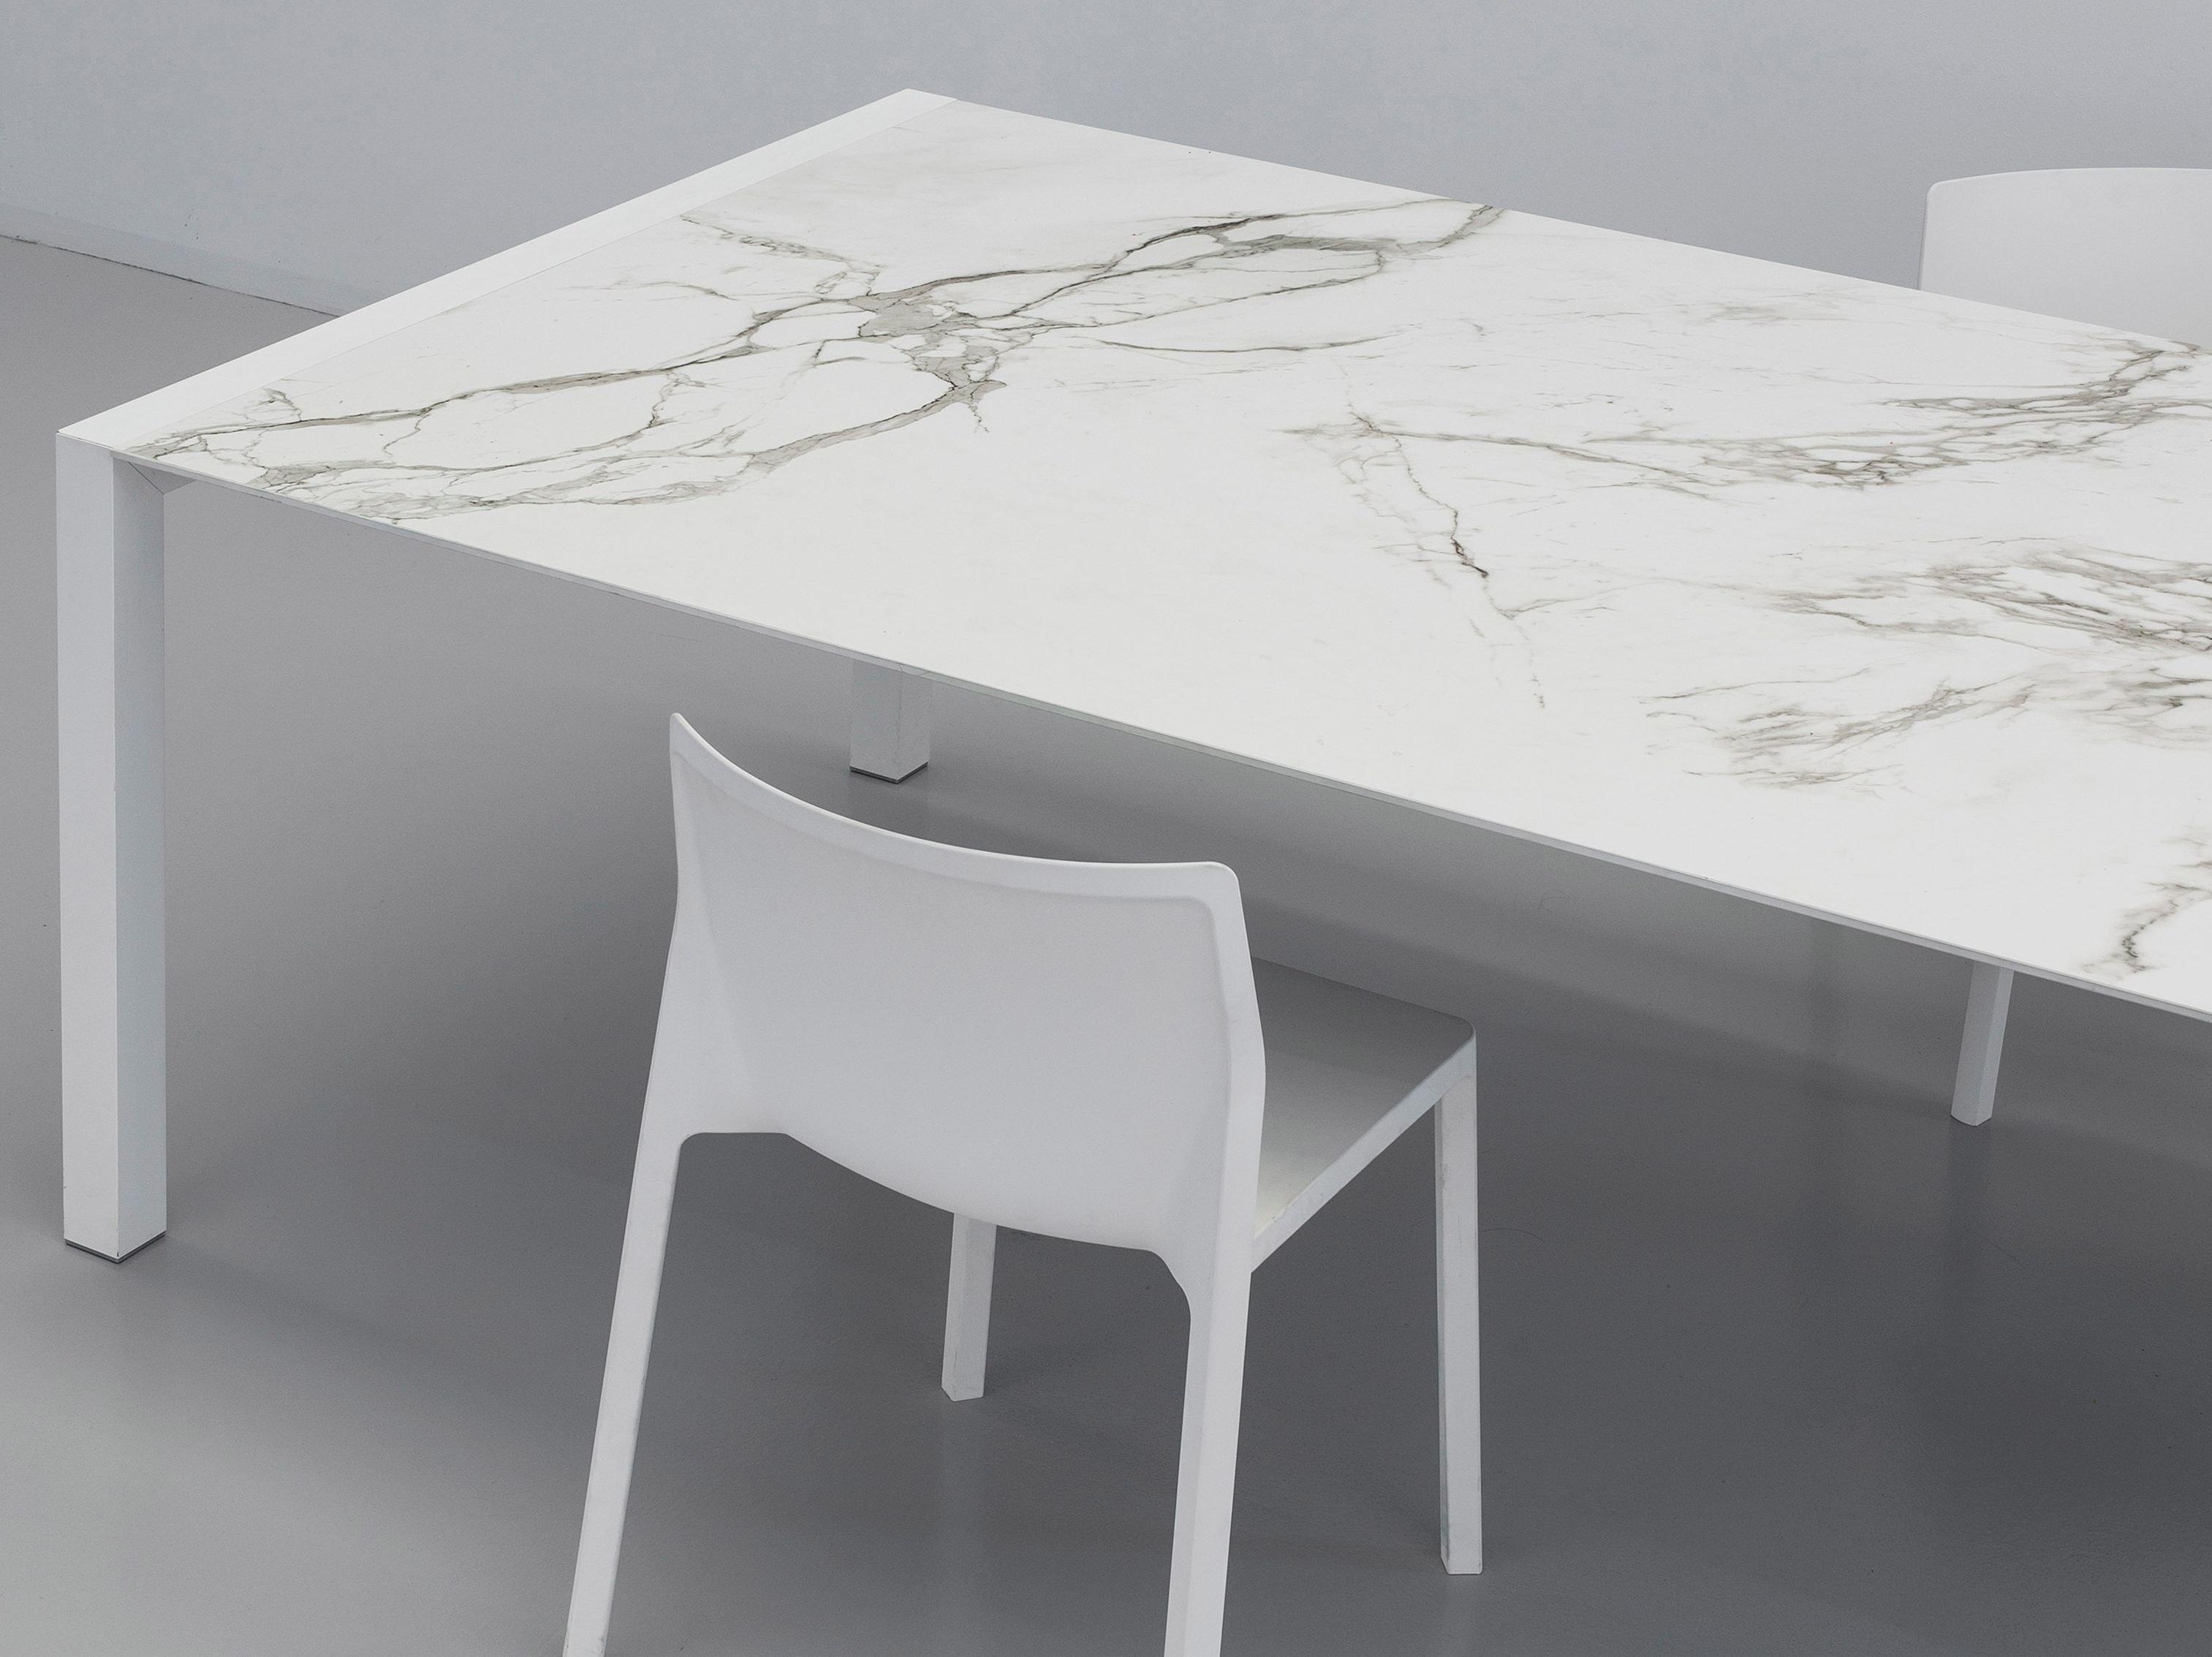 DEKTON Table Top